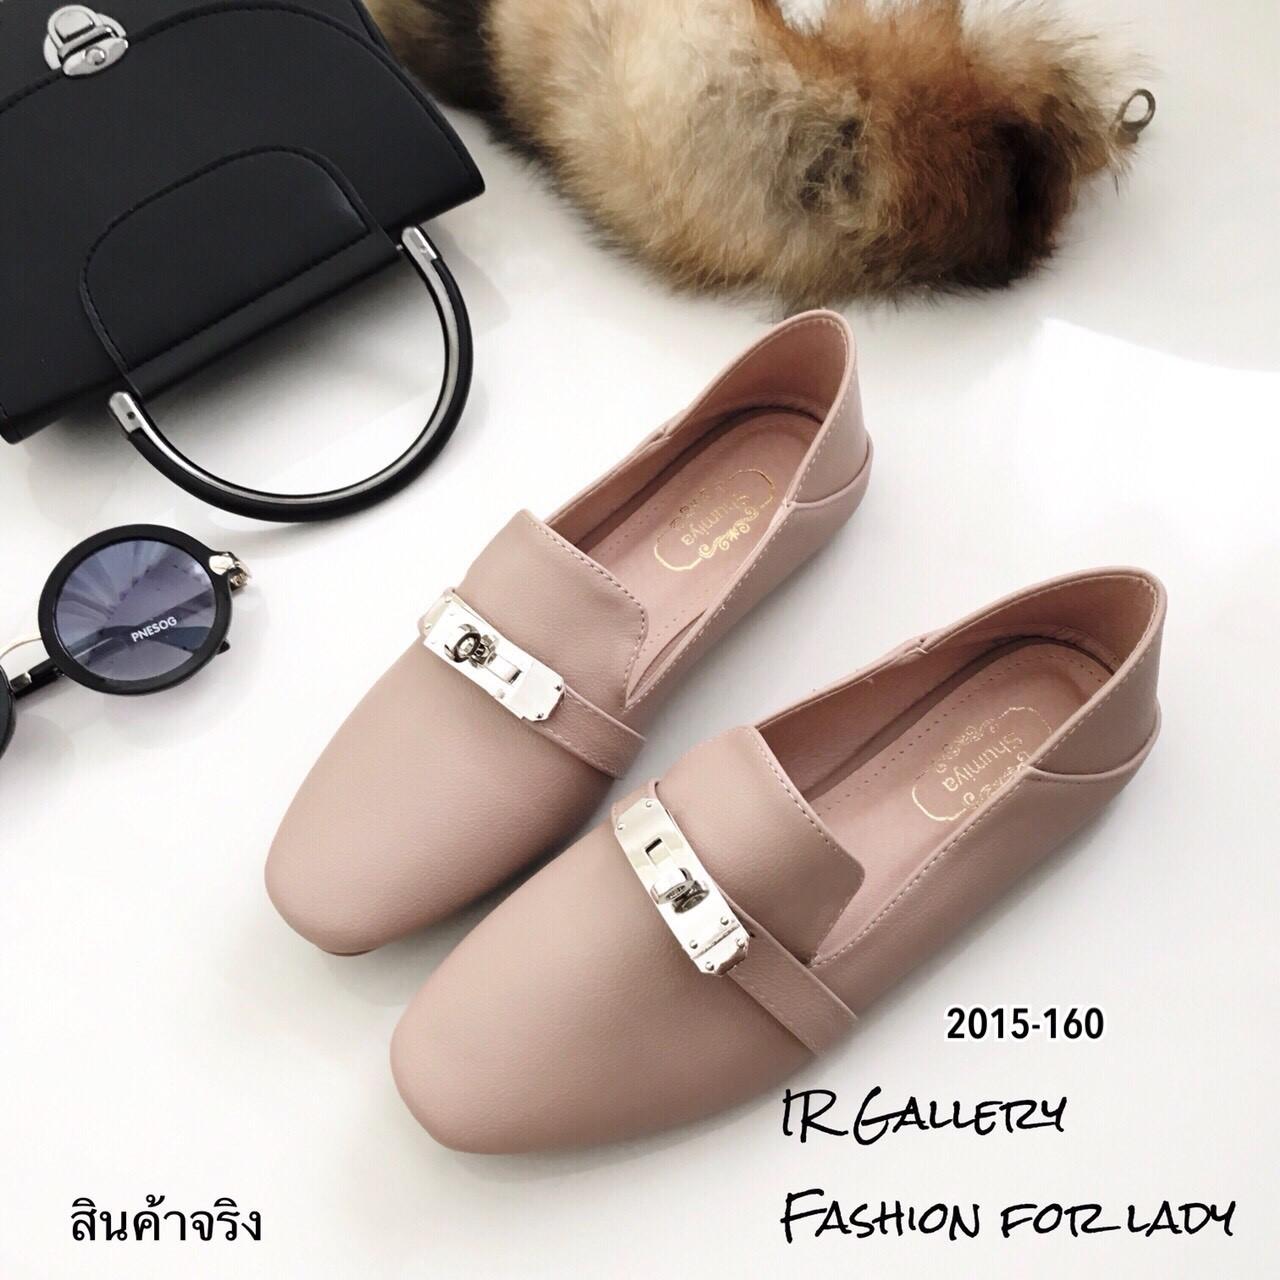 รองเท้าคัทชูหนังนิ่ม Style Hermes (สีชมพู)